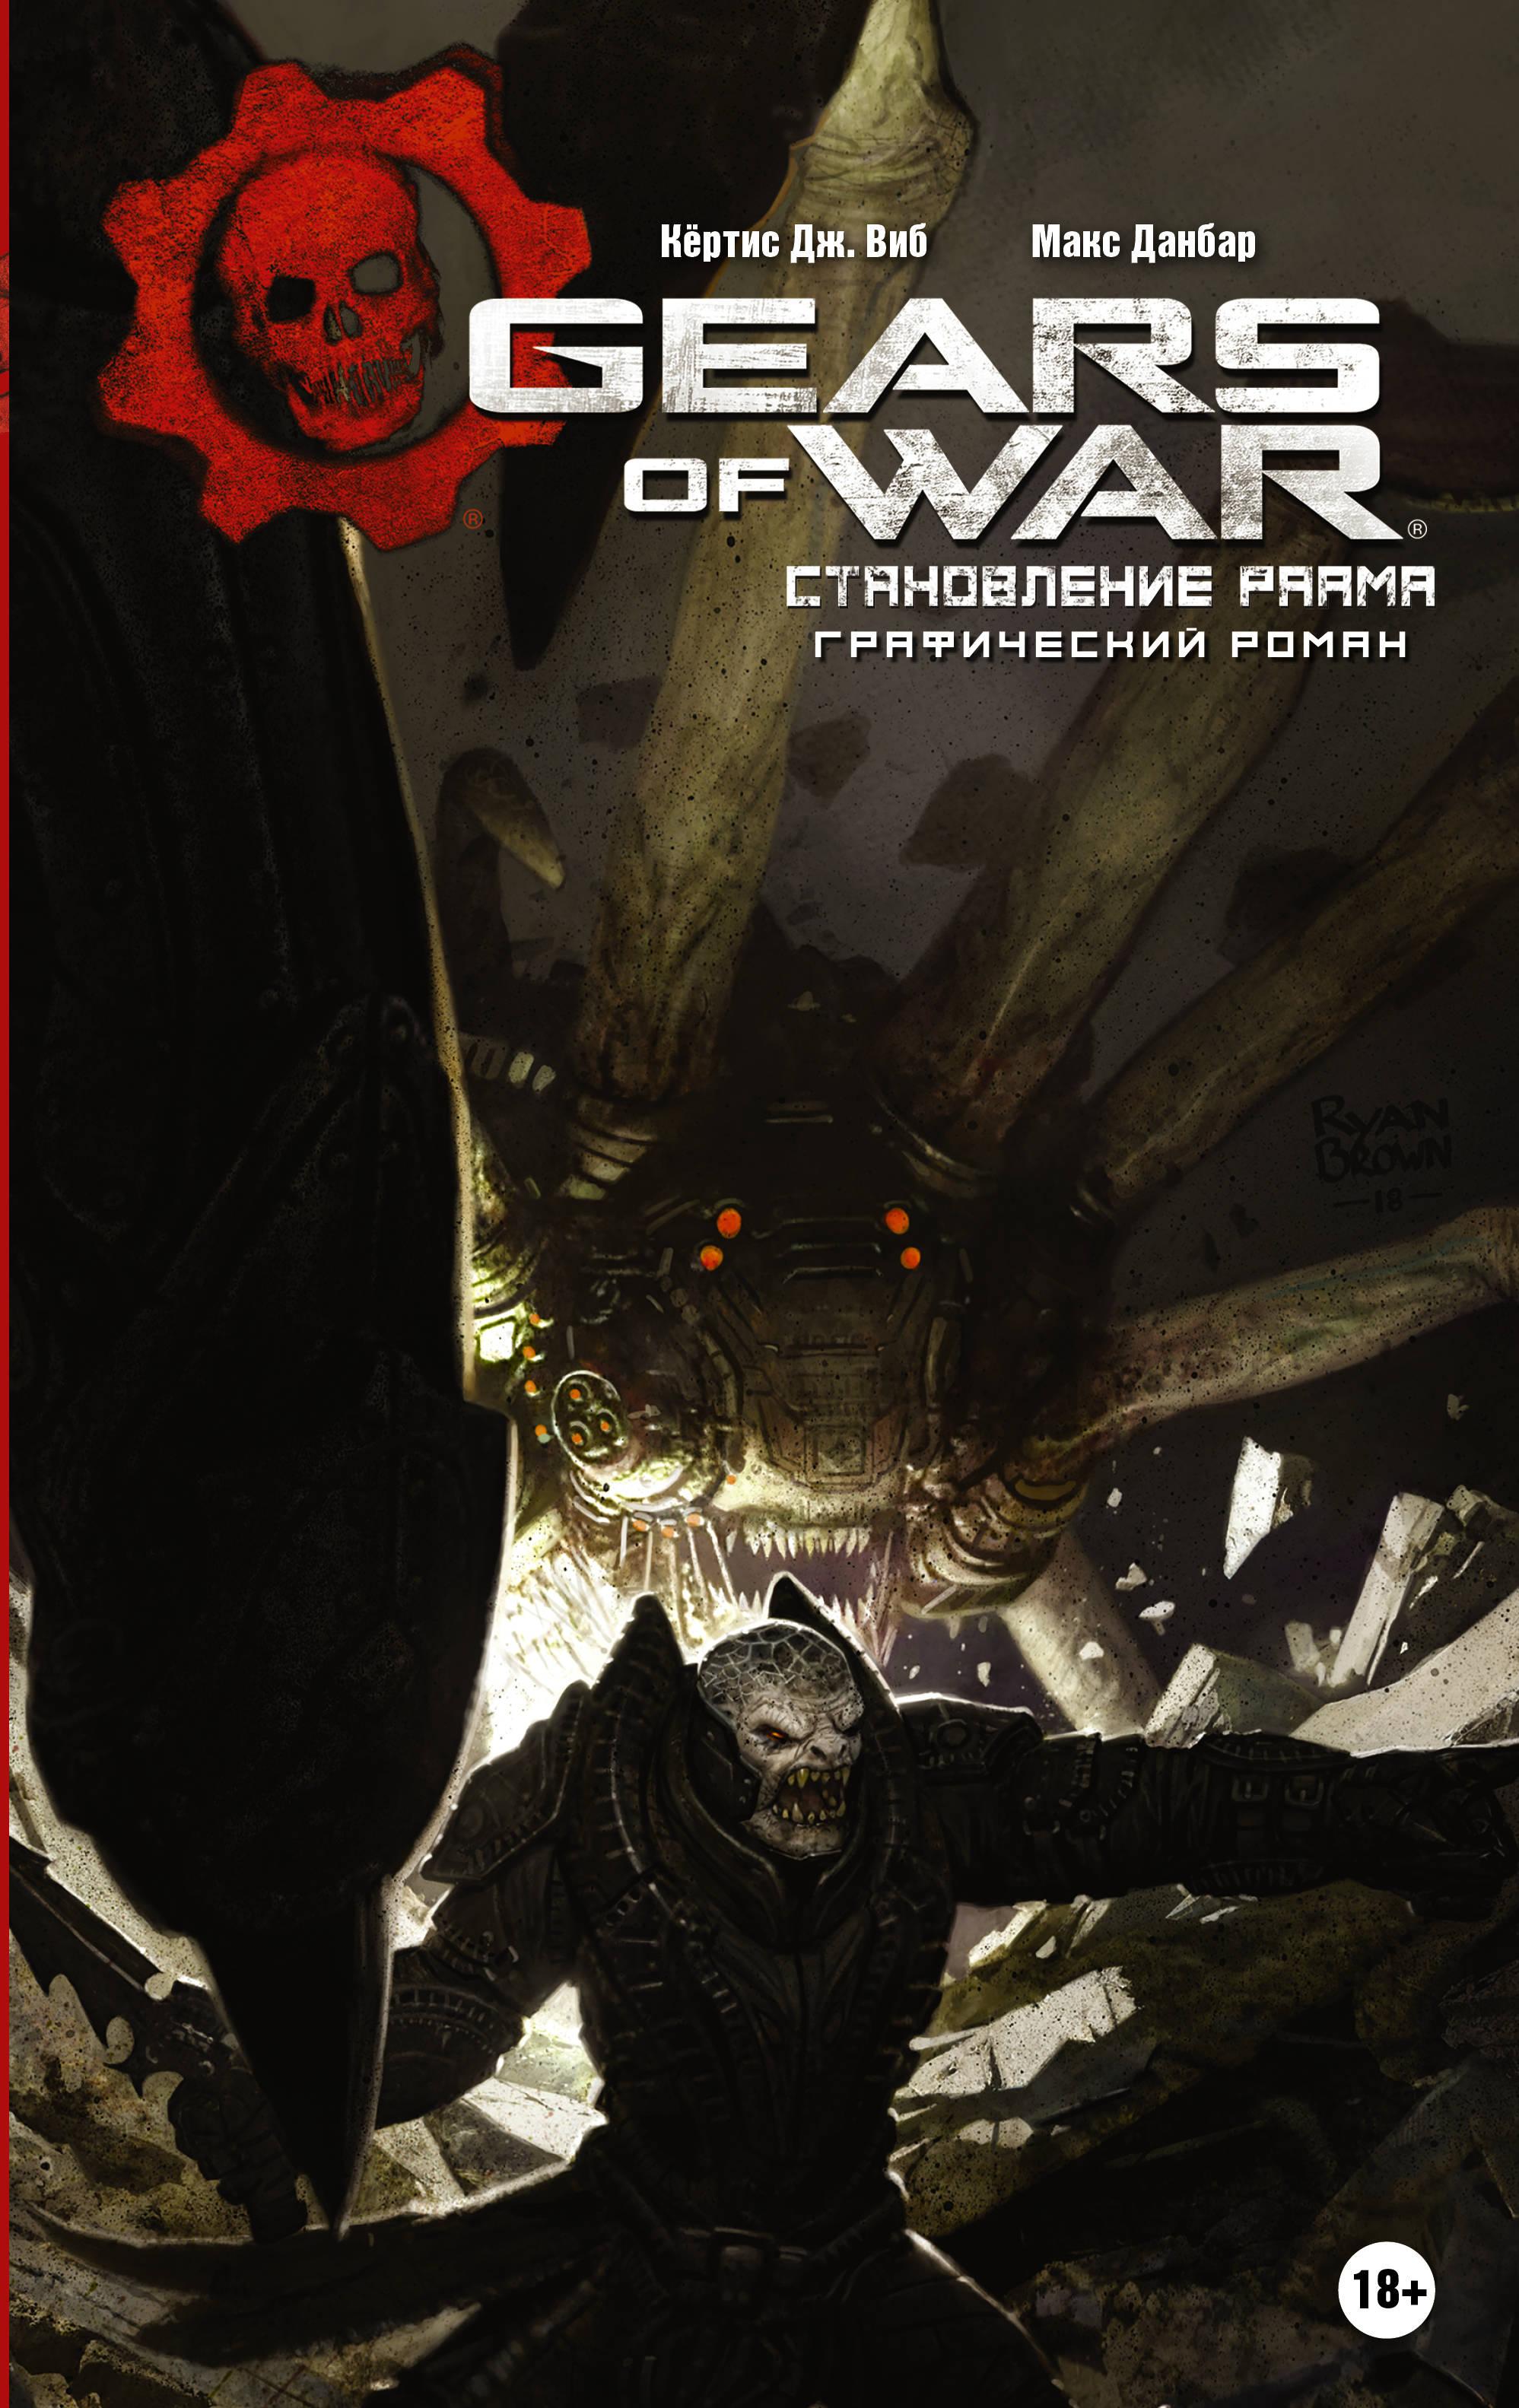 Gears of War. Становление РААМа Кёртис Дж. Виб, Макс Данбар